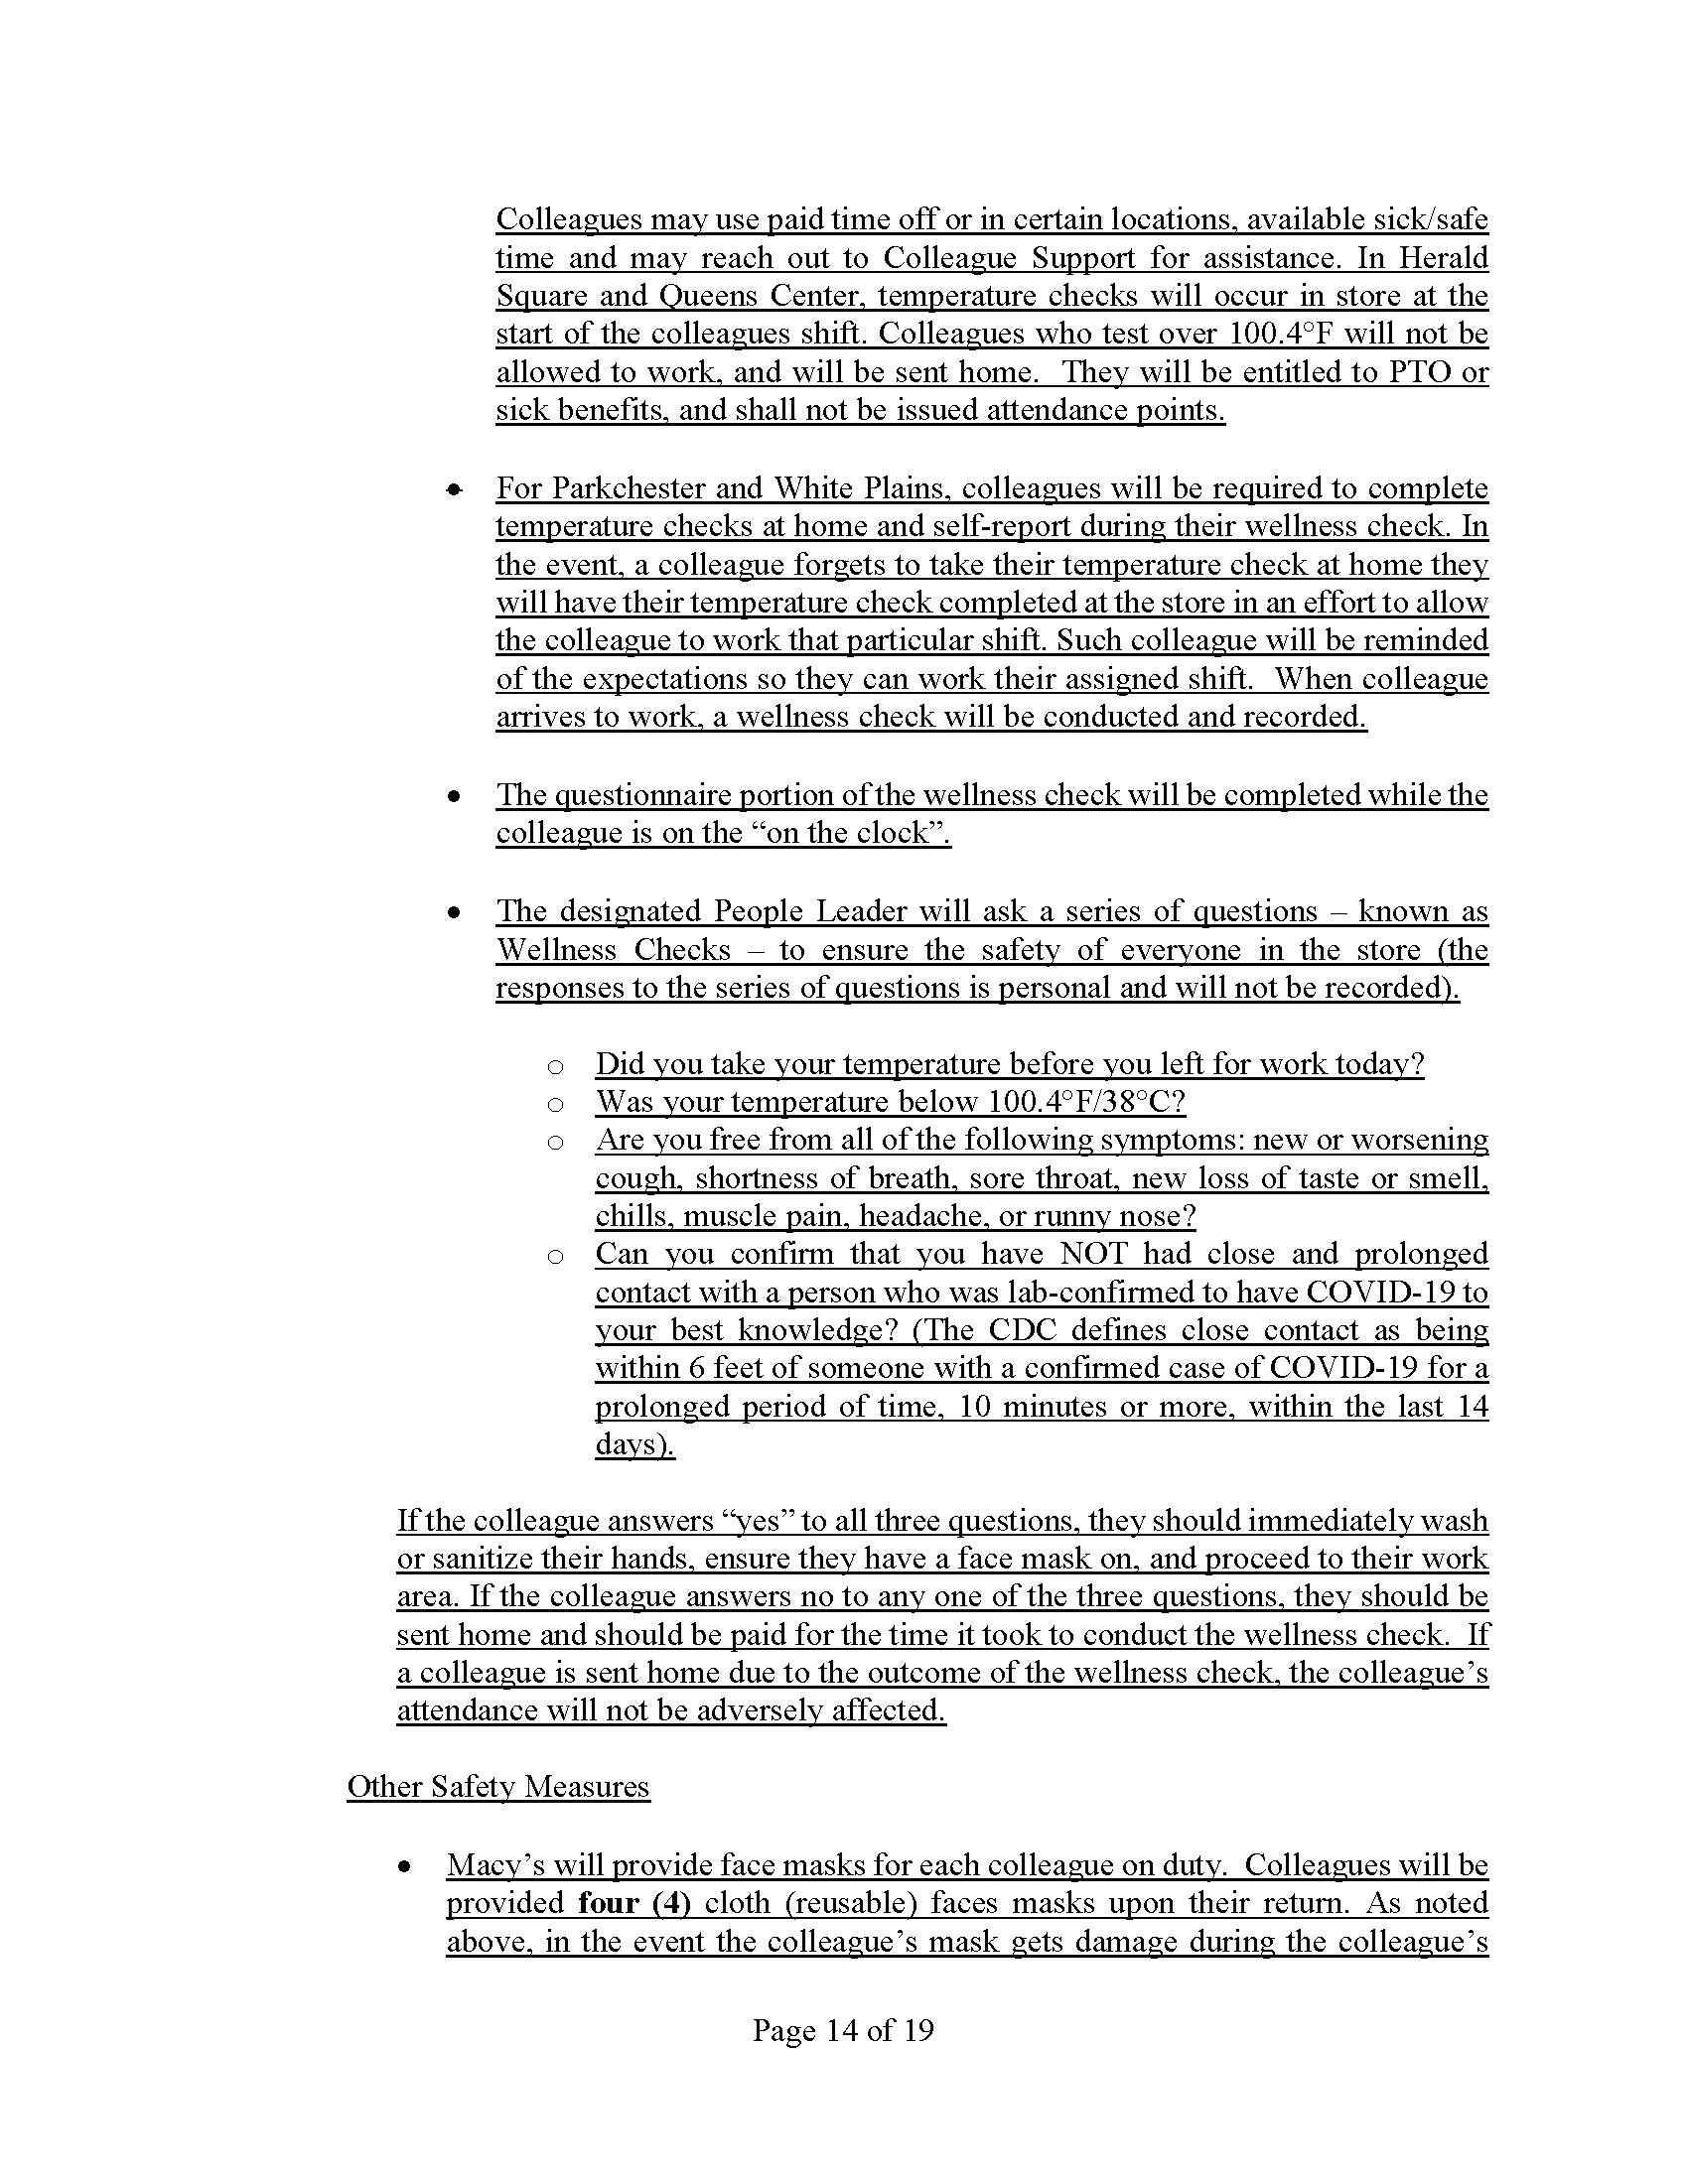 Memorandum_of_Agreement_10484__Page_14.png